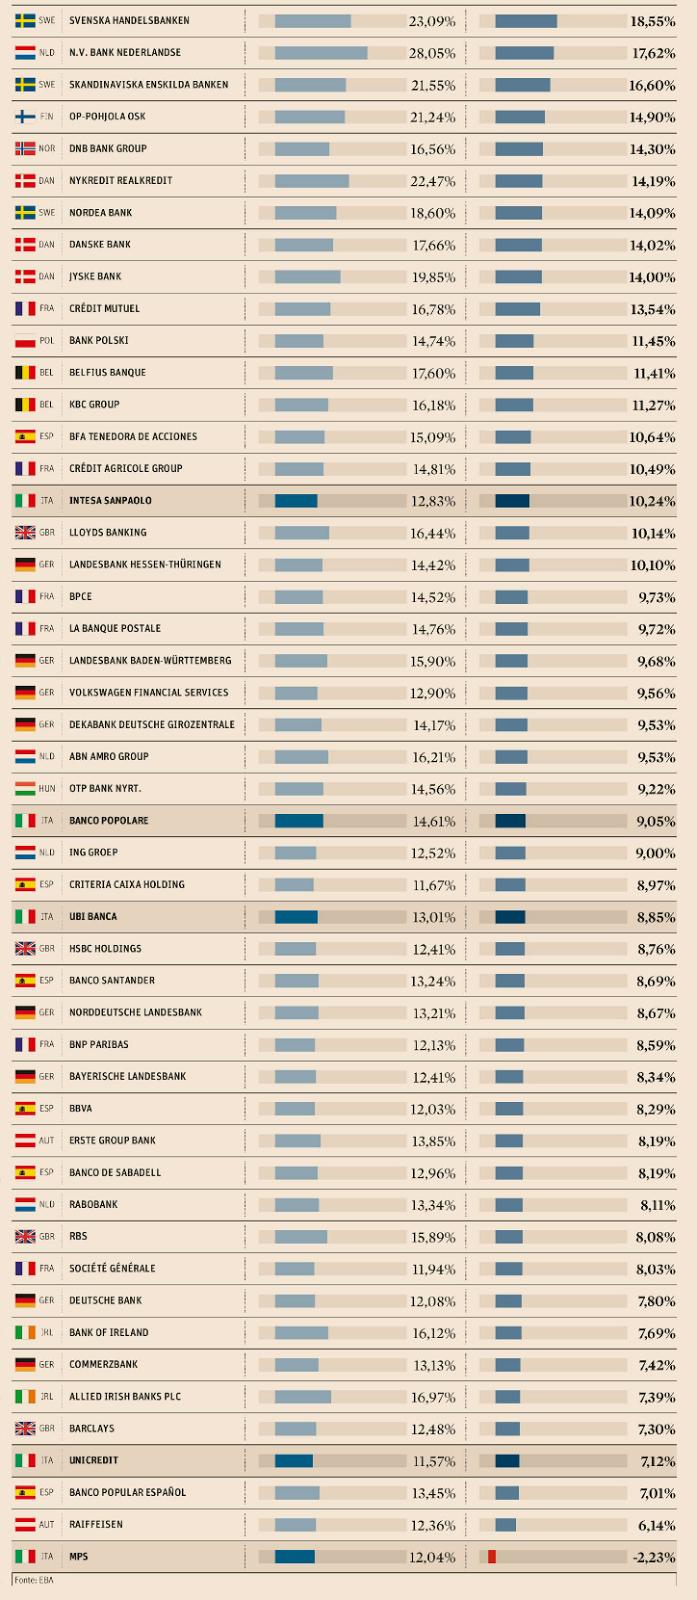 stress test 2016 classifica banche